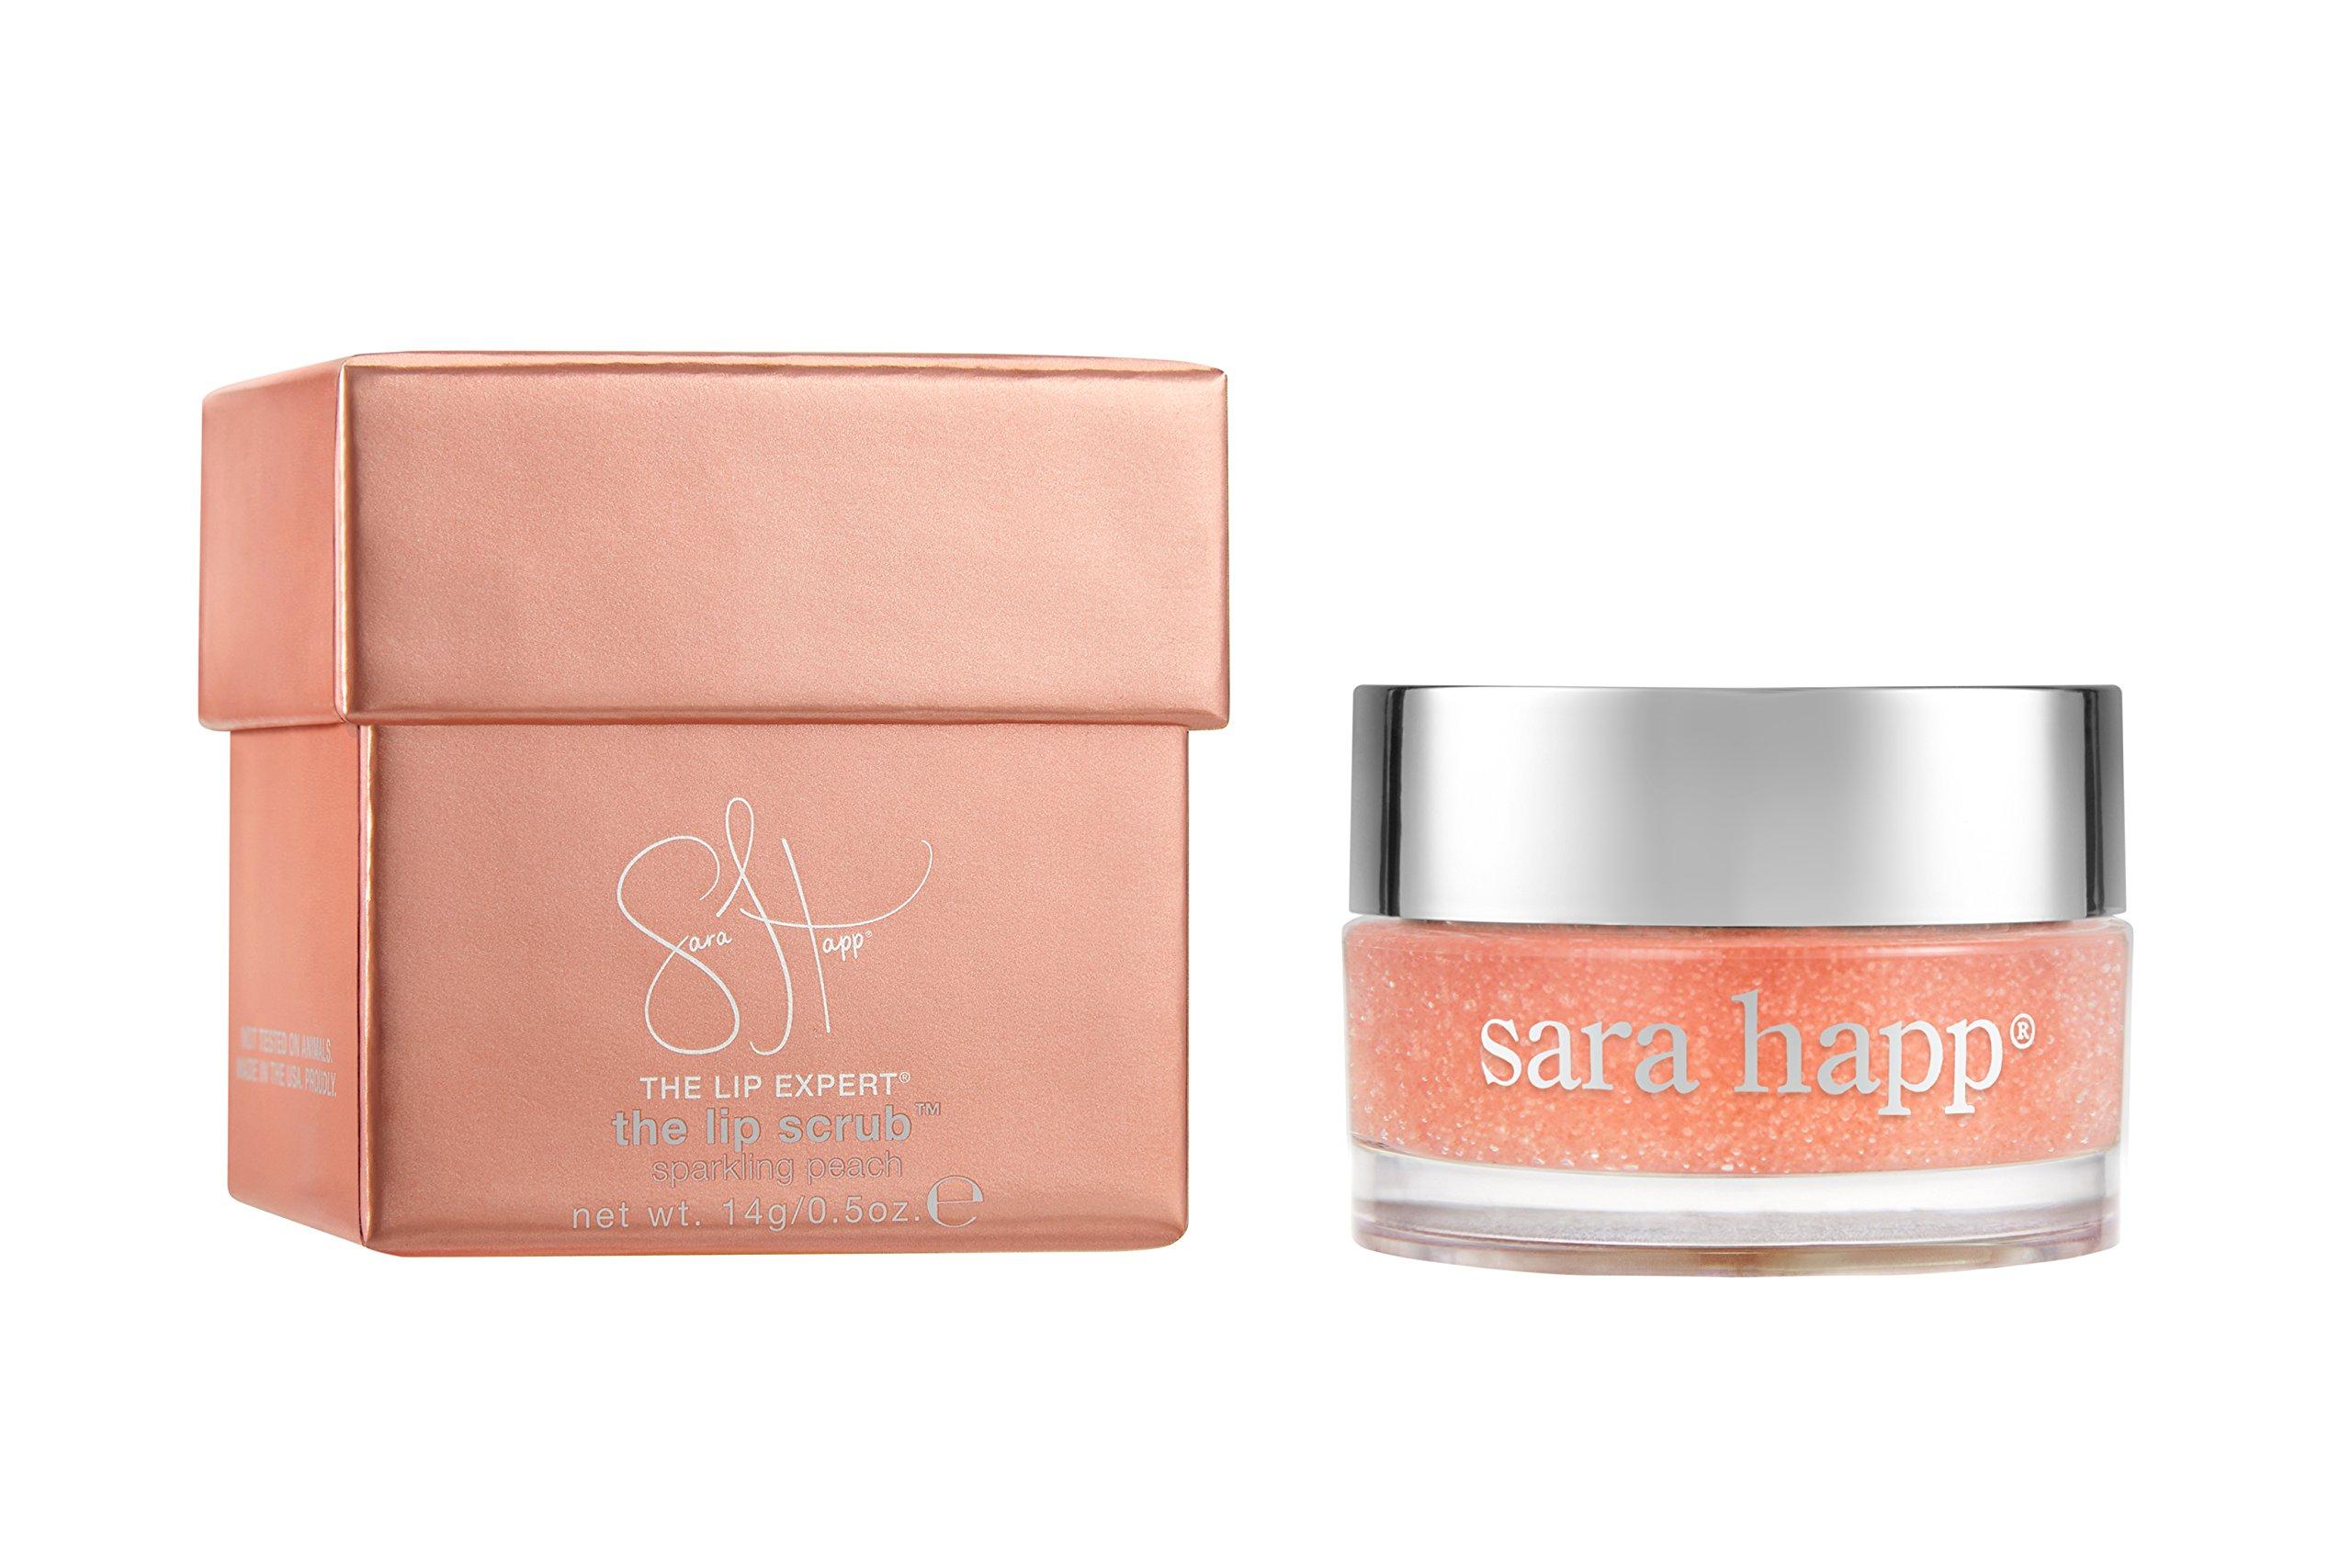 sara happ The Lip Scrub, Peach, 0.5 oz.